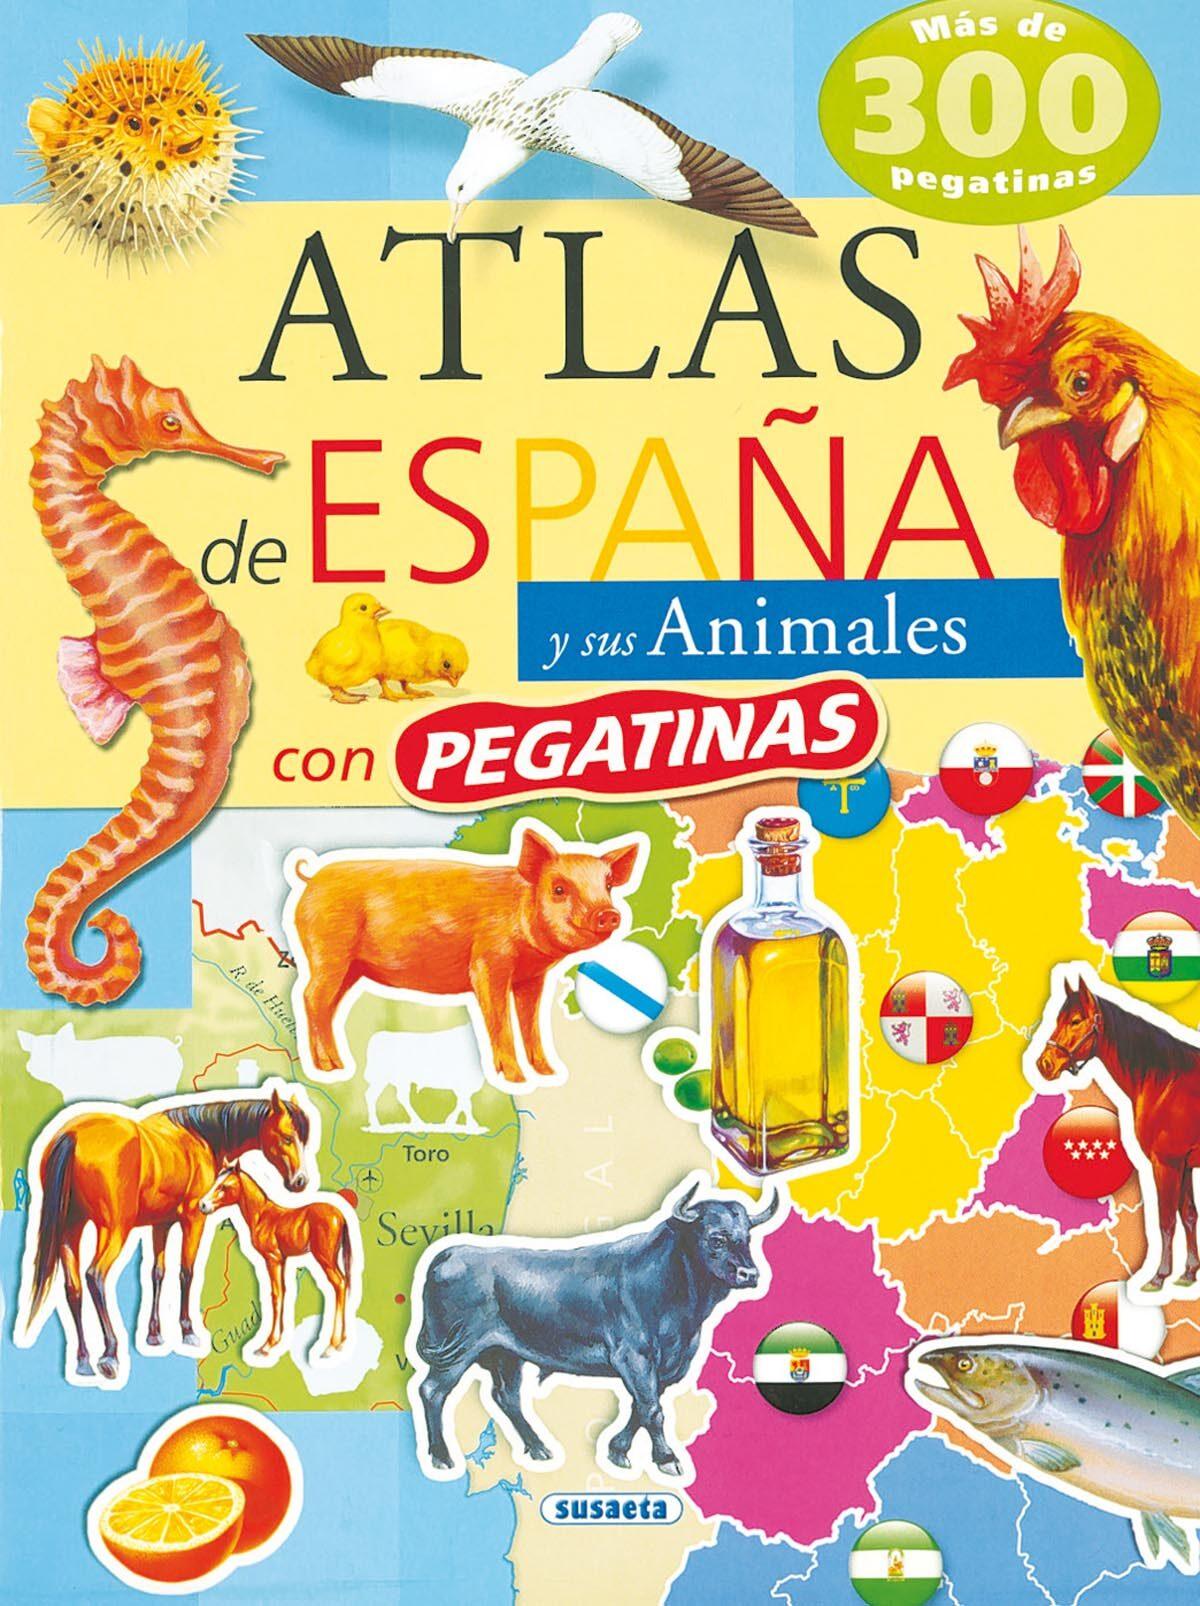 Atlas De España Y Sus Animales Con Pegatinas por Vv.aa. Gratis